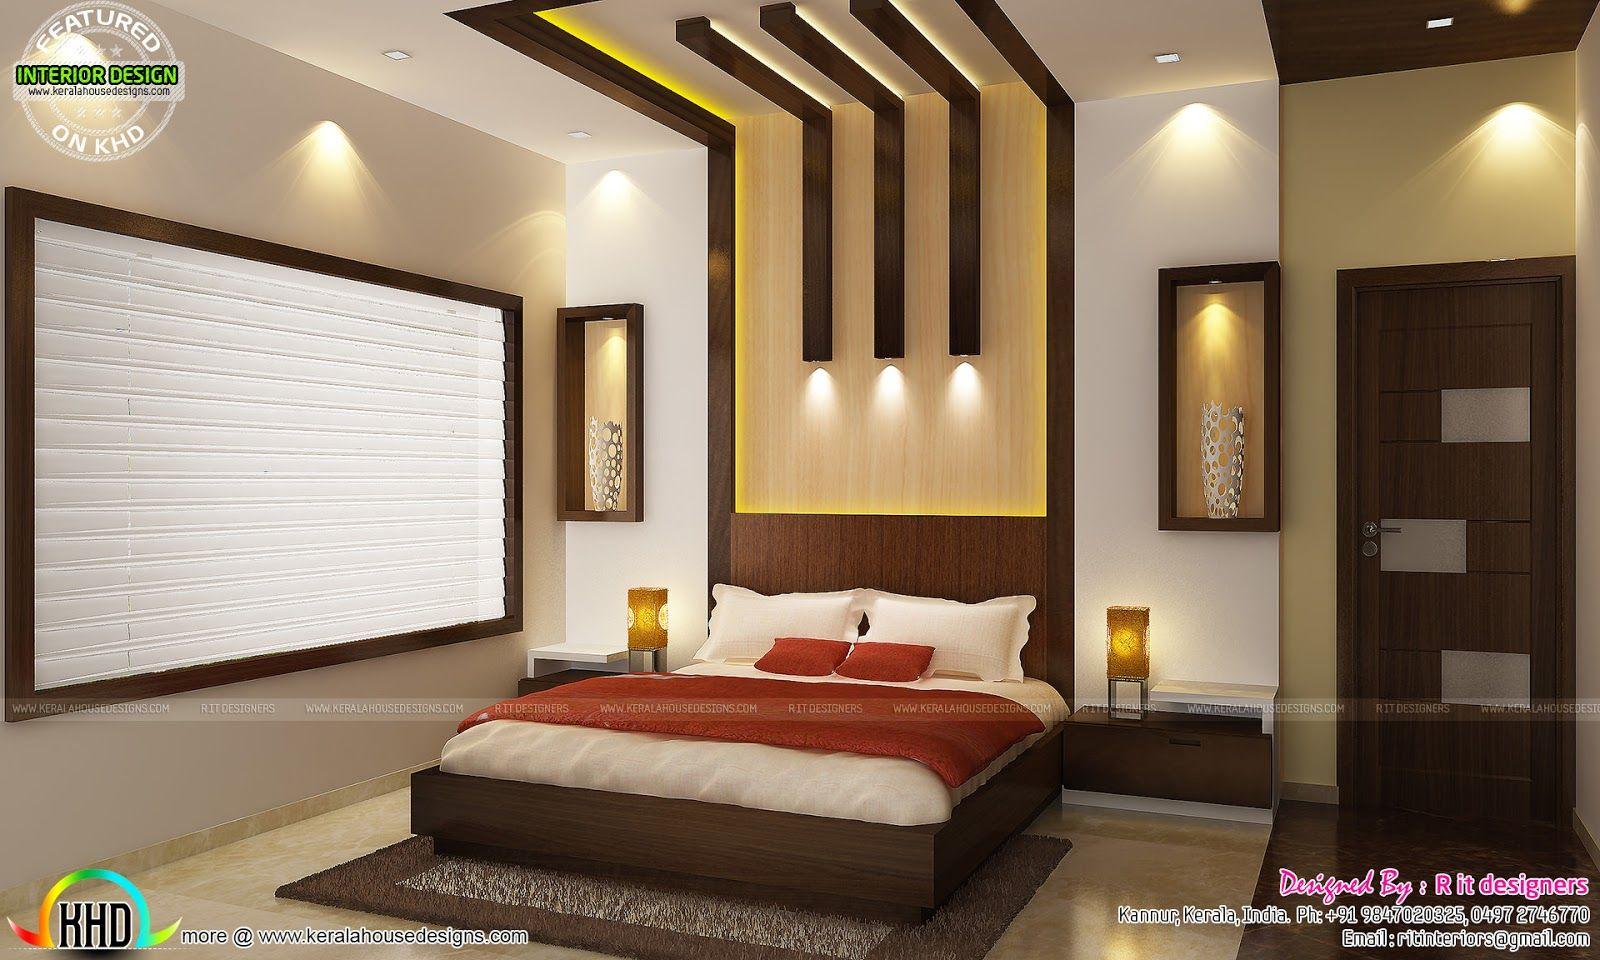 Beautiful Houses Bedroom Interior In Kerala Home Combo By Luxury Interiors Of Bedrooms Room Design Bedroom Bedroom False Ceiling Design Ceiling Design Bedroom